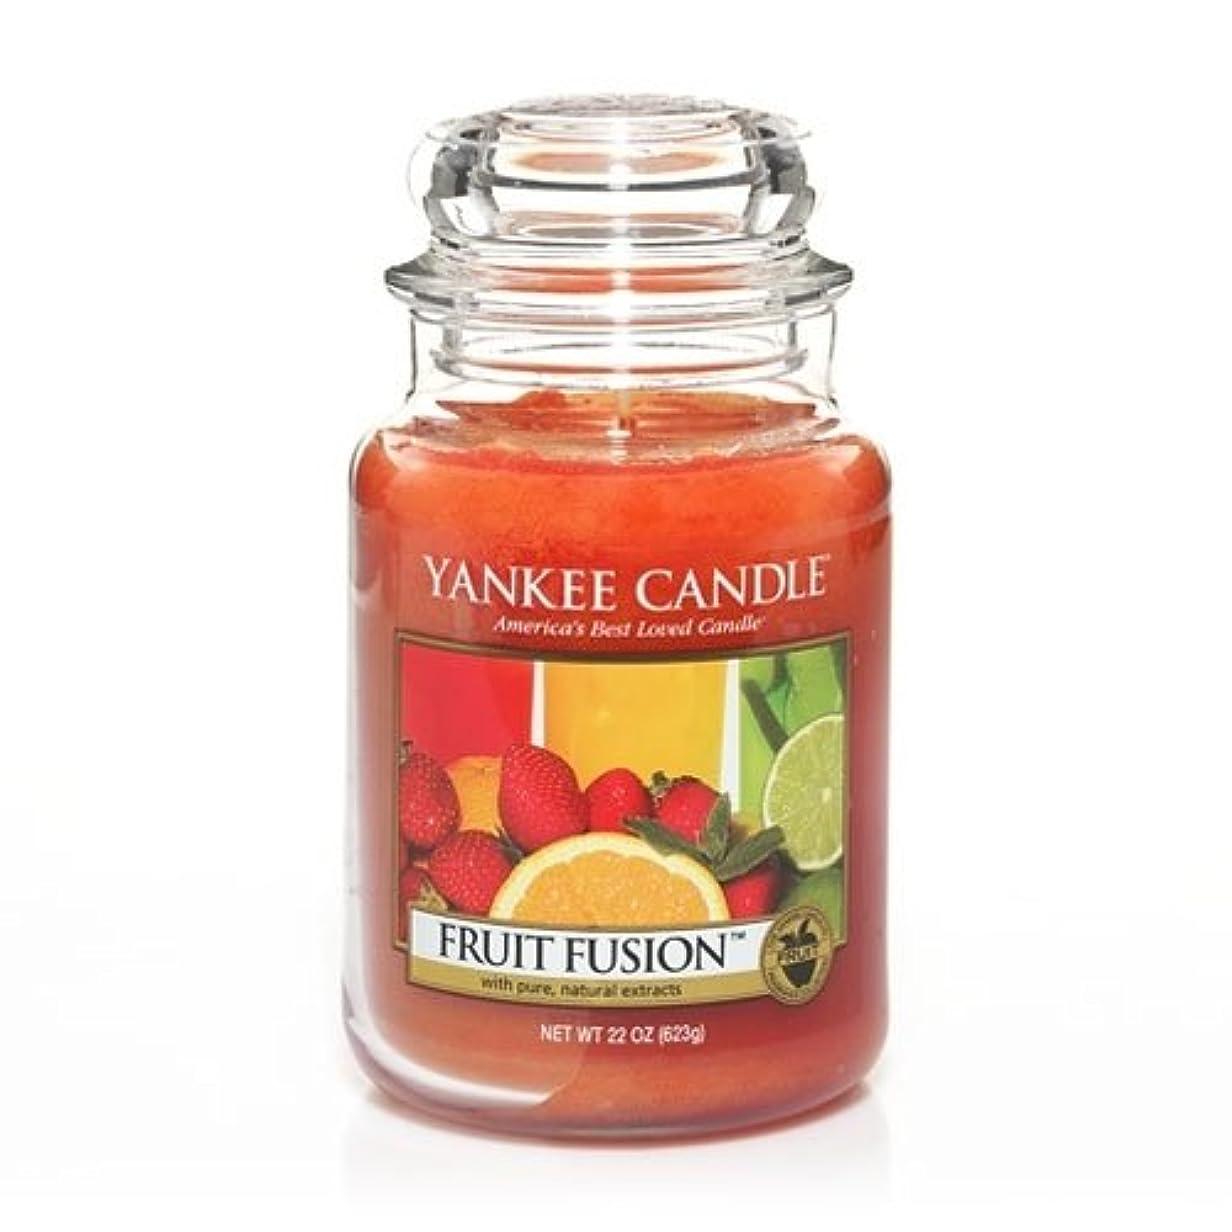 悔い改める洞窟繰り返したYankee Candle Fruit Fusion、フルーツ香り Large Jar Candles オレンジ 1230712-YC